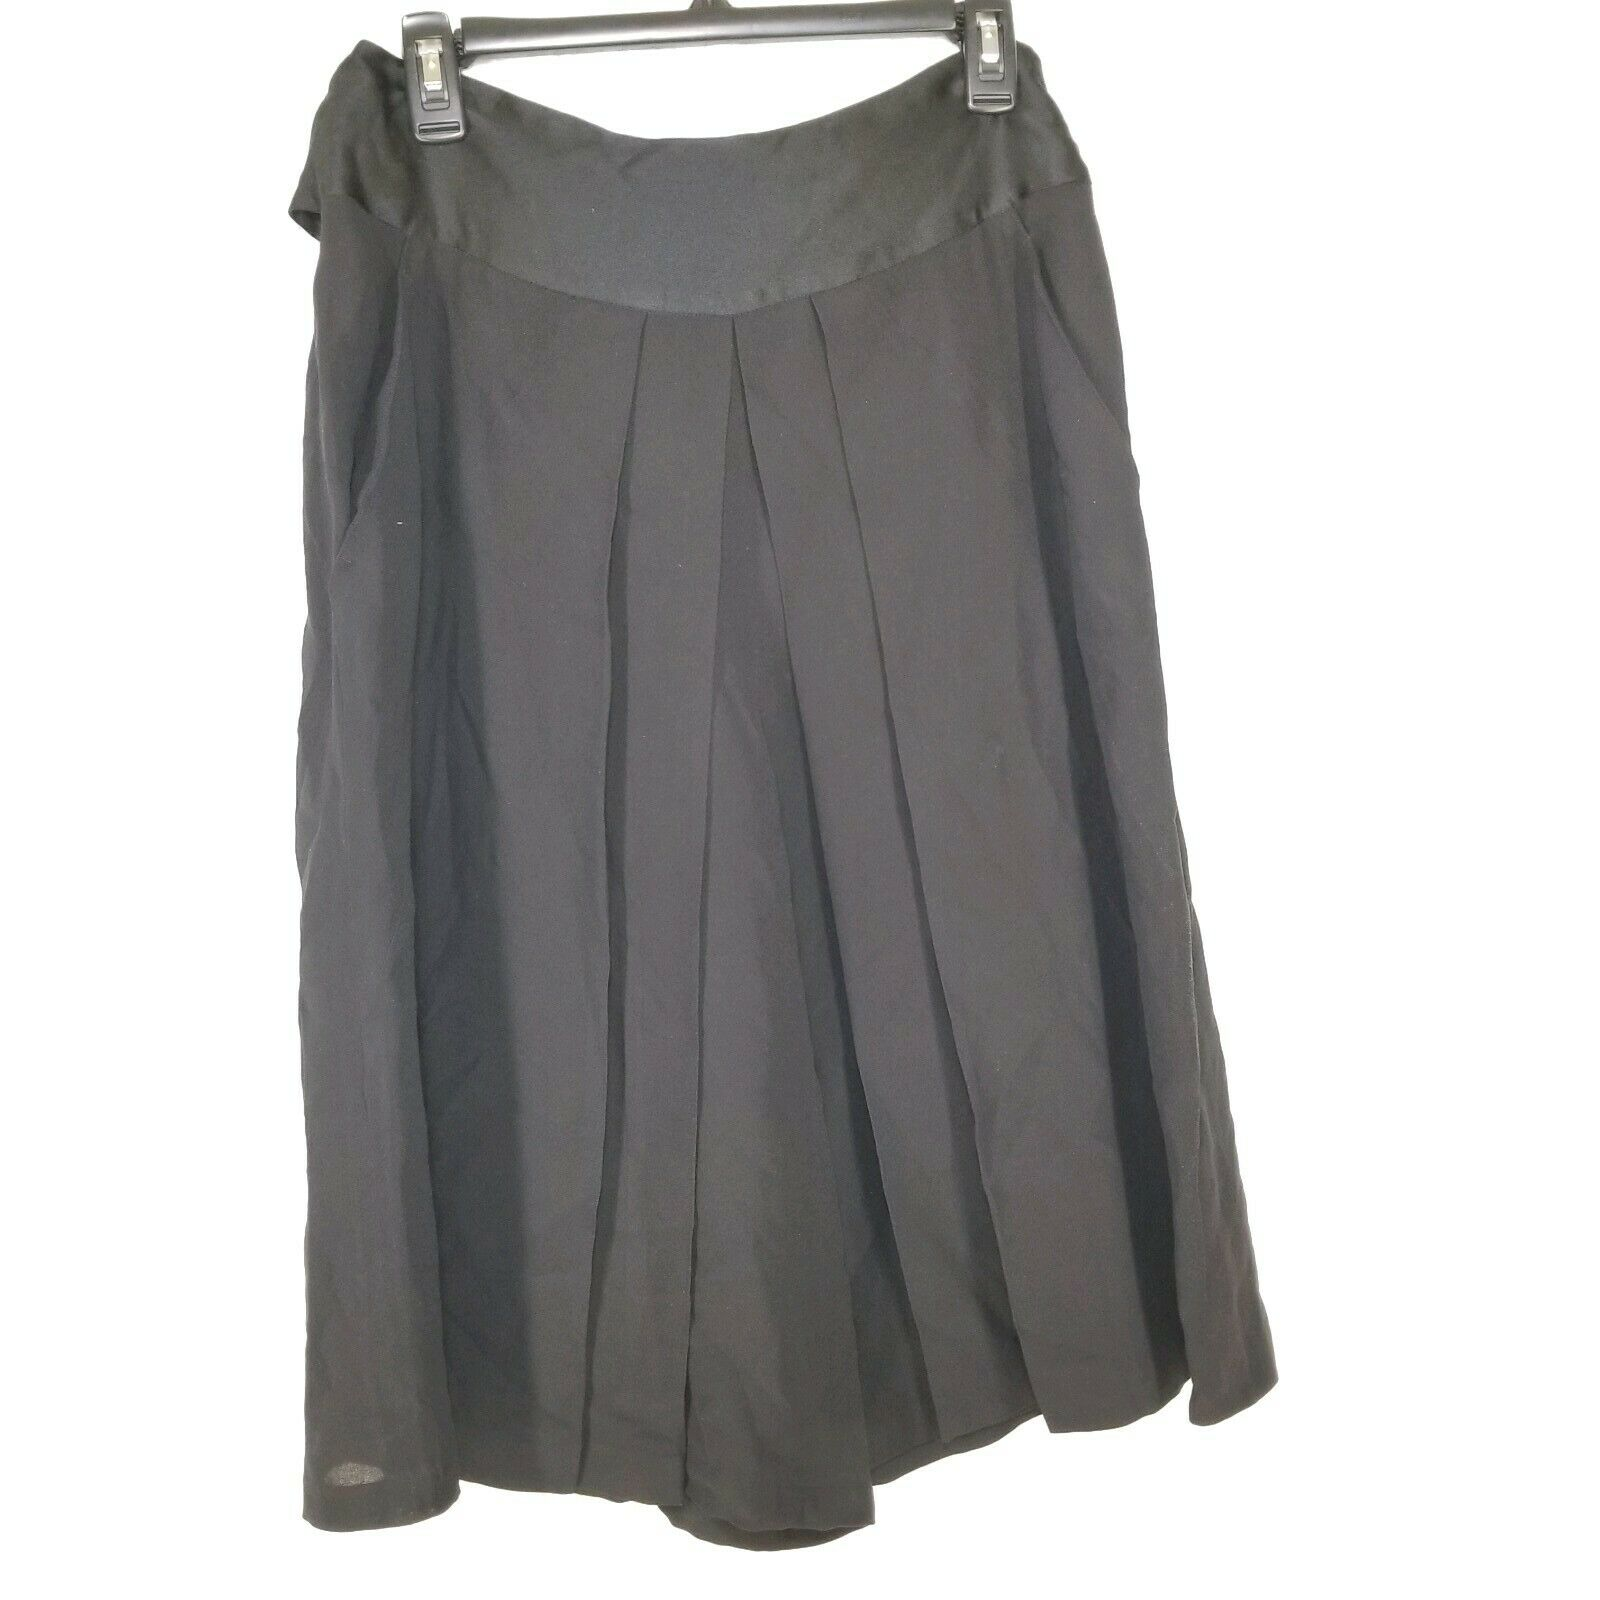 C14 ALEXANDER McQUEEN  para Mujer Negro Seda Plisado Falda Completa tie up talla 42  muy popular